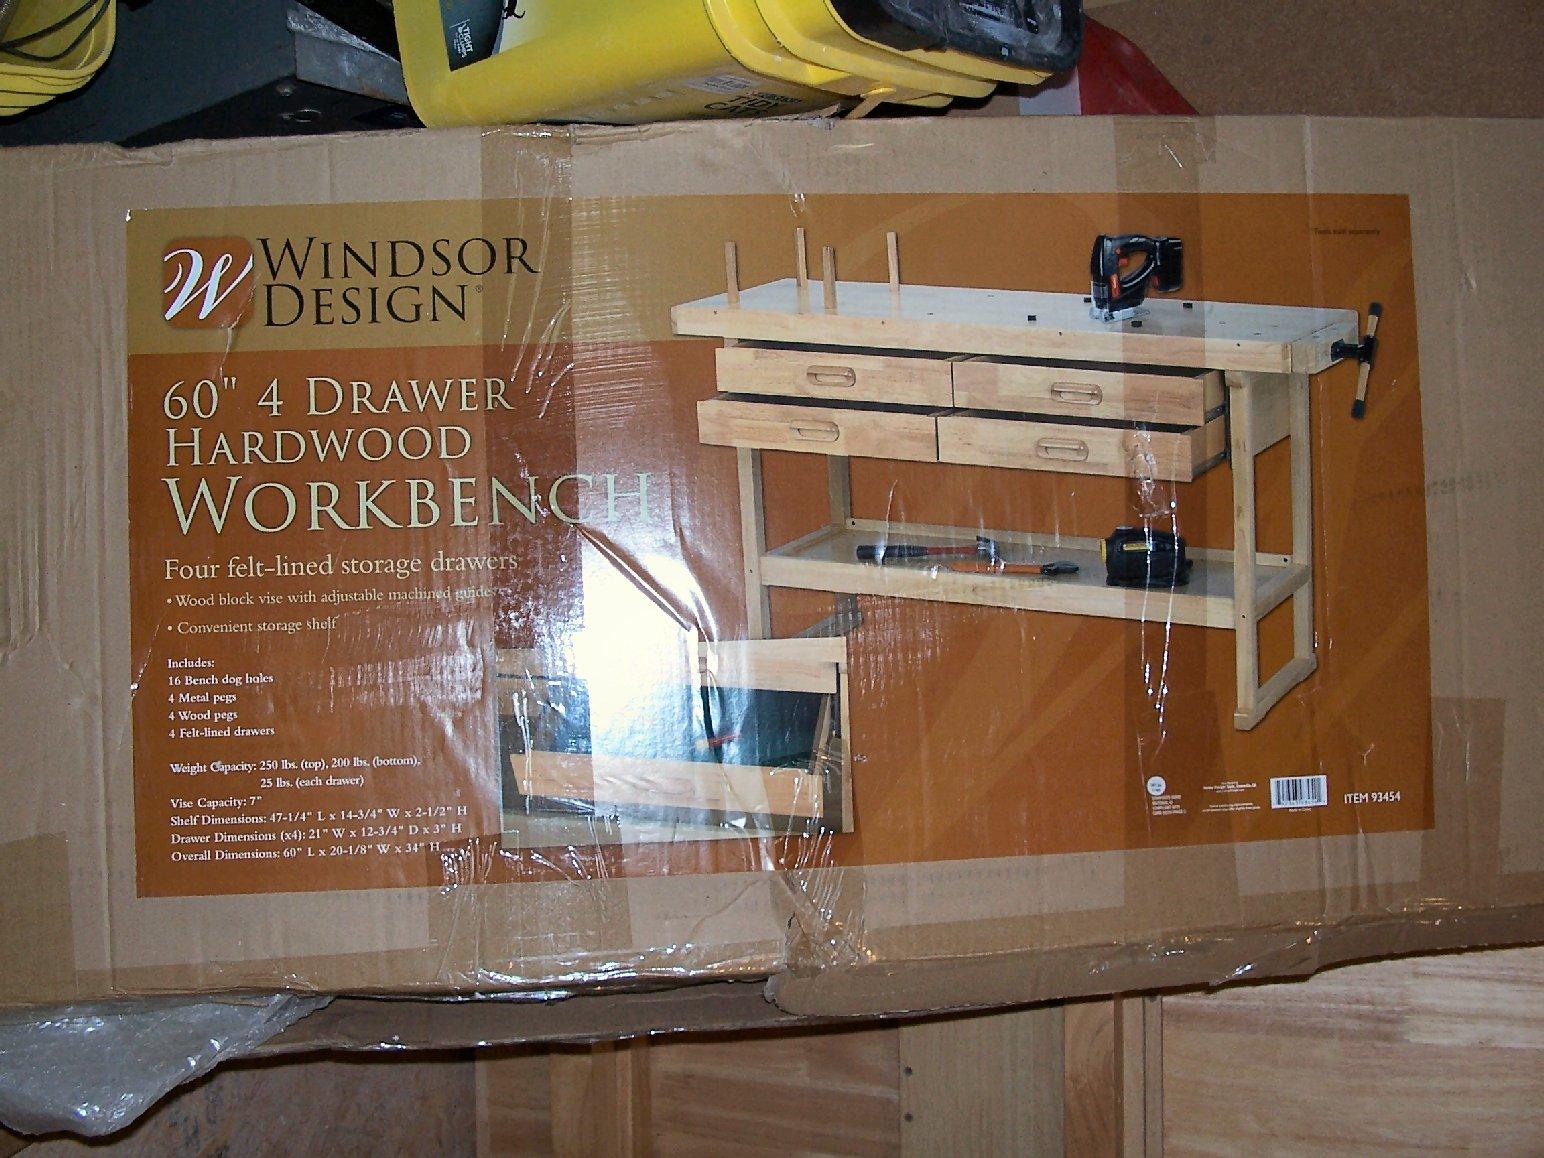 Astounding Harbor Freight Hardwood Workbench Kit Bash Modeling Tools Short Links Chair Design For Home Short Linksinfo